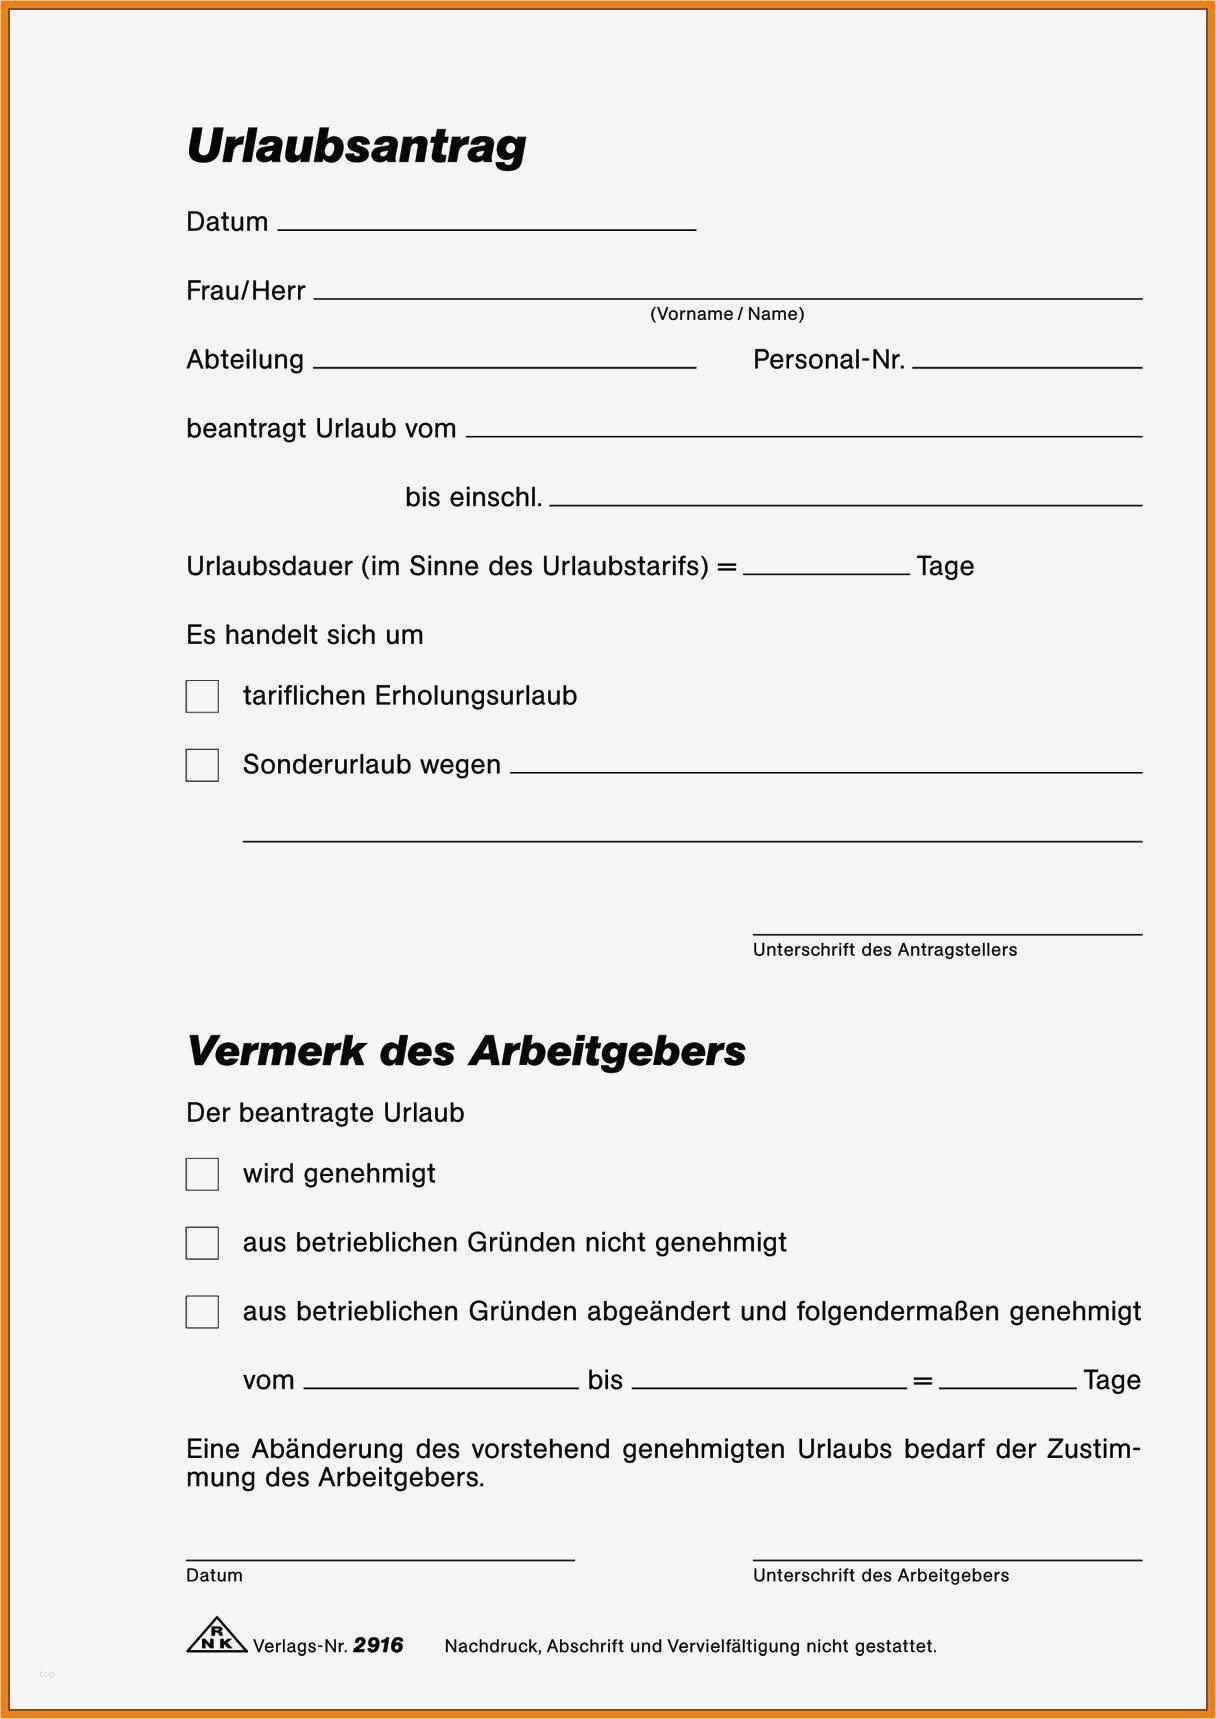 Neu Urlaubsantrag Excel Briefprobe Briefformat Briefvorlage Vorlagen Lebenslauf Briefvorlagen Urlaub